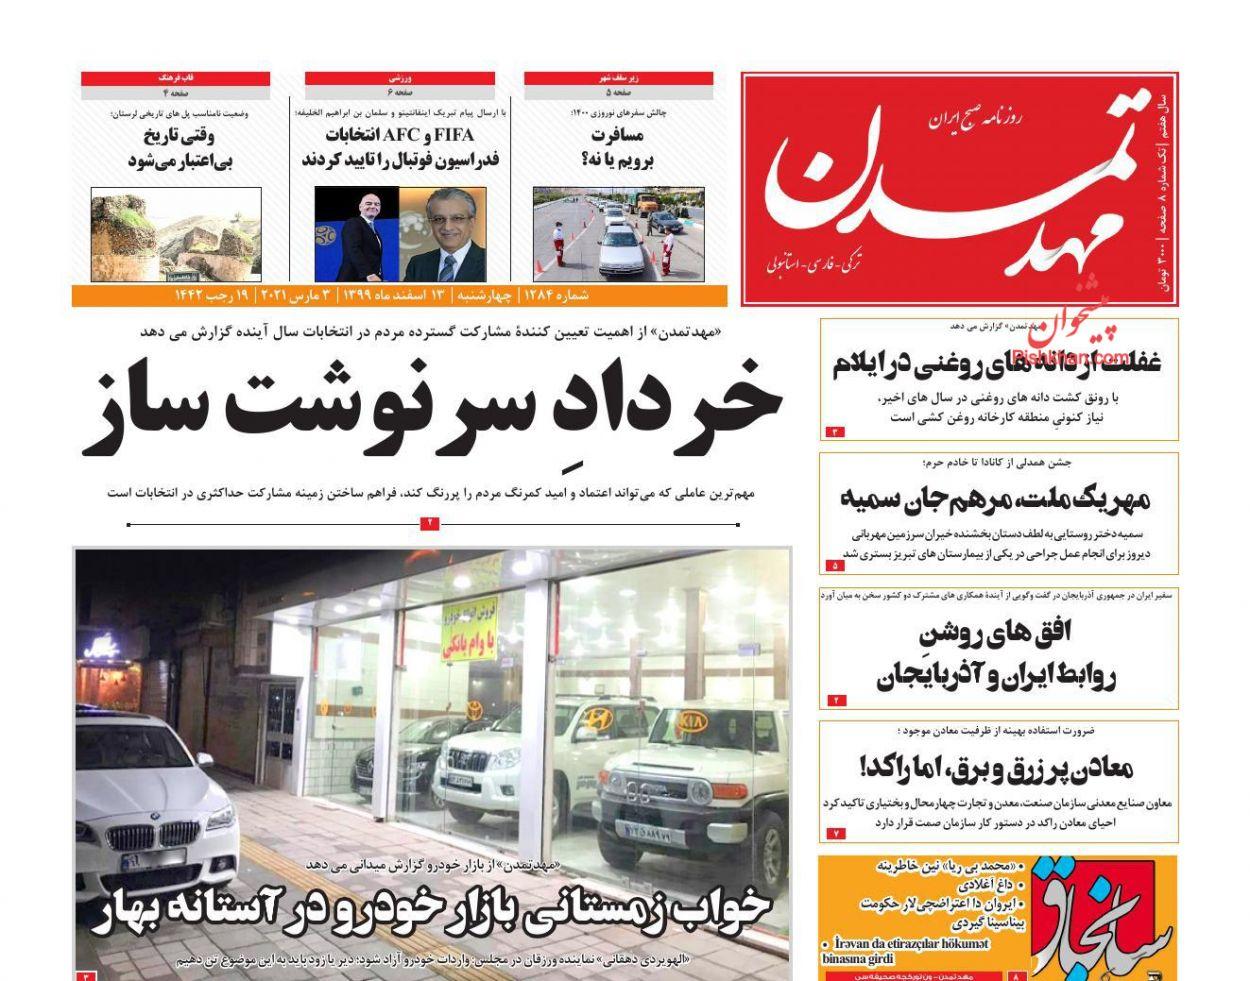 عناوین اخبار روزنامه مهد تمدن در روز چهارشنبه ۱۳ اسفند